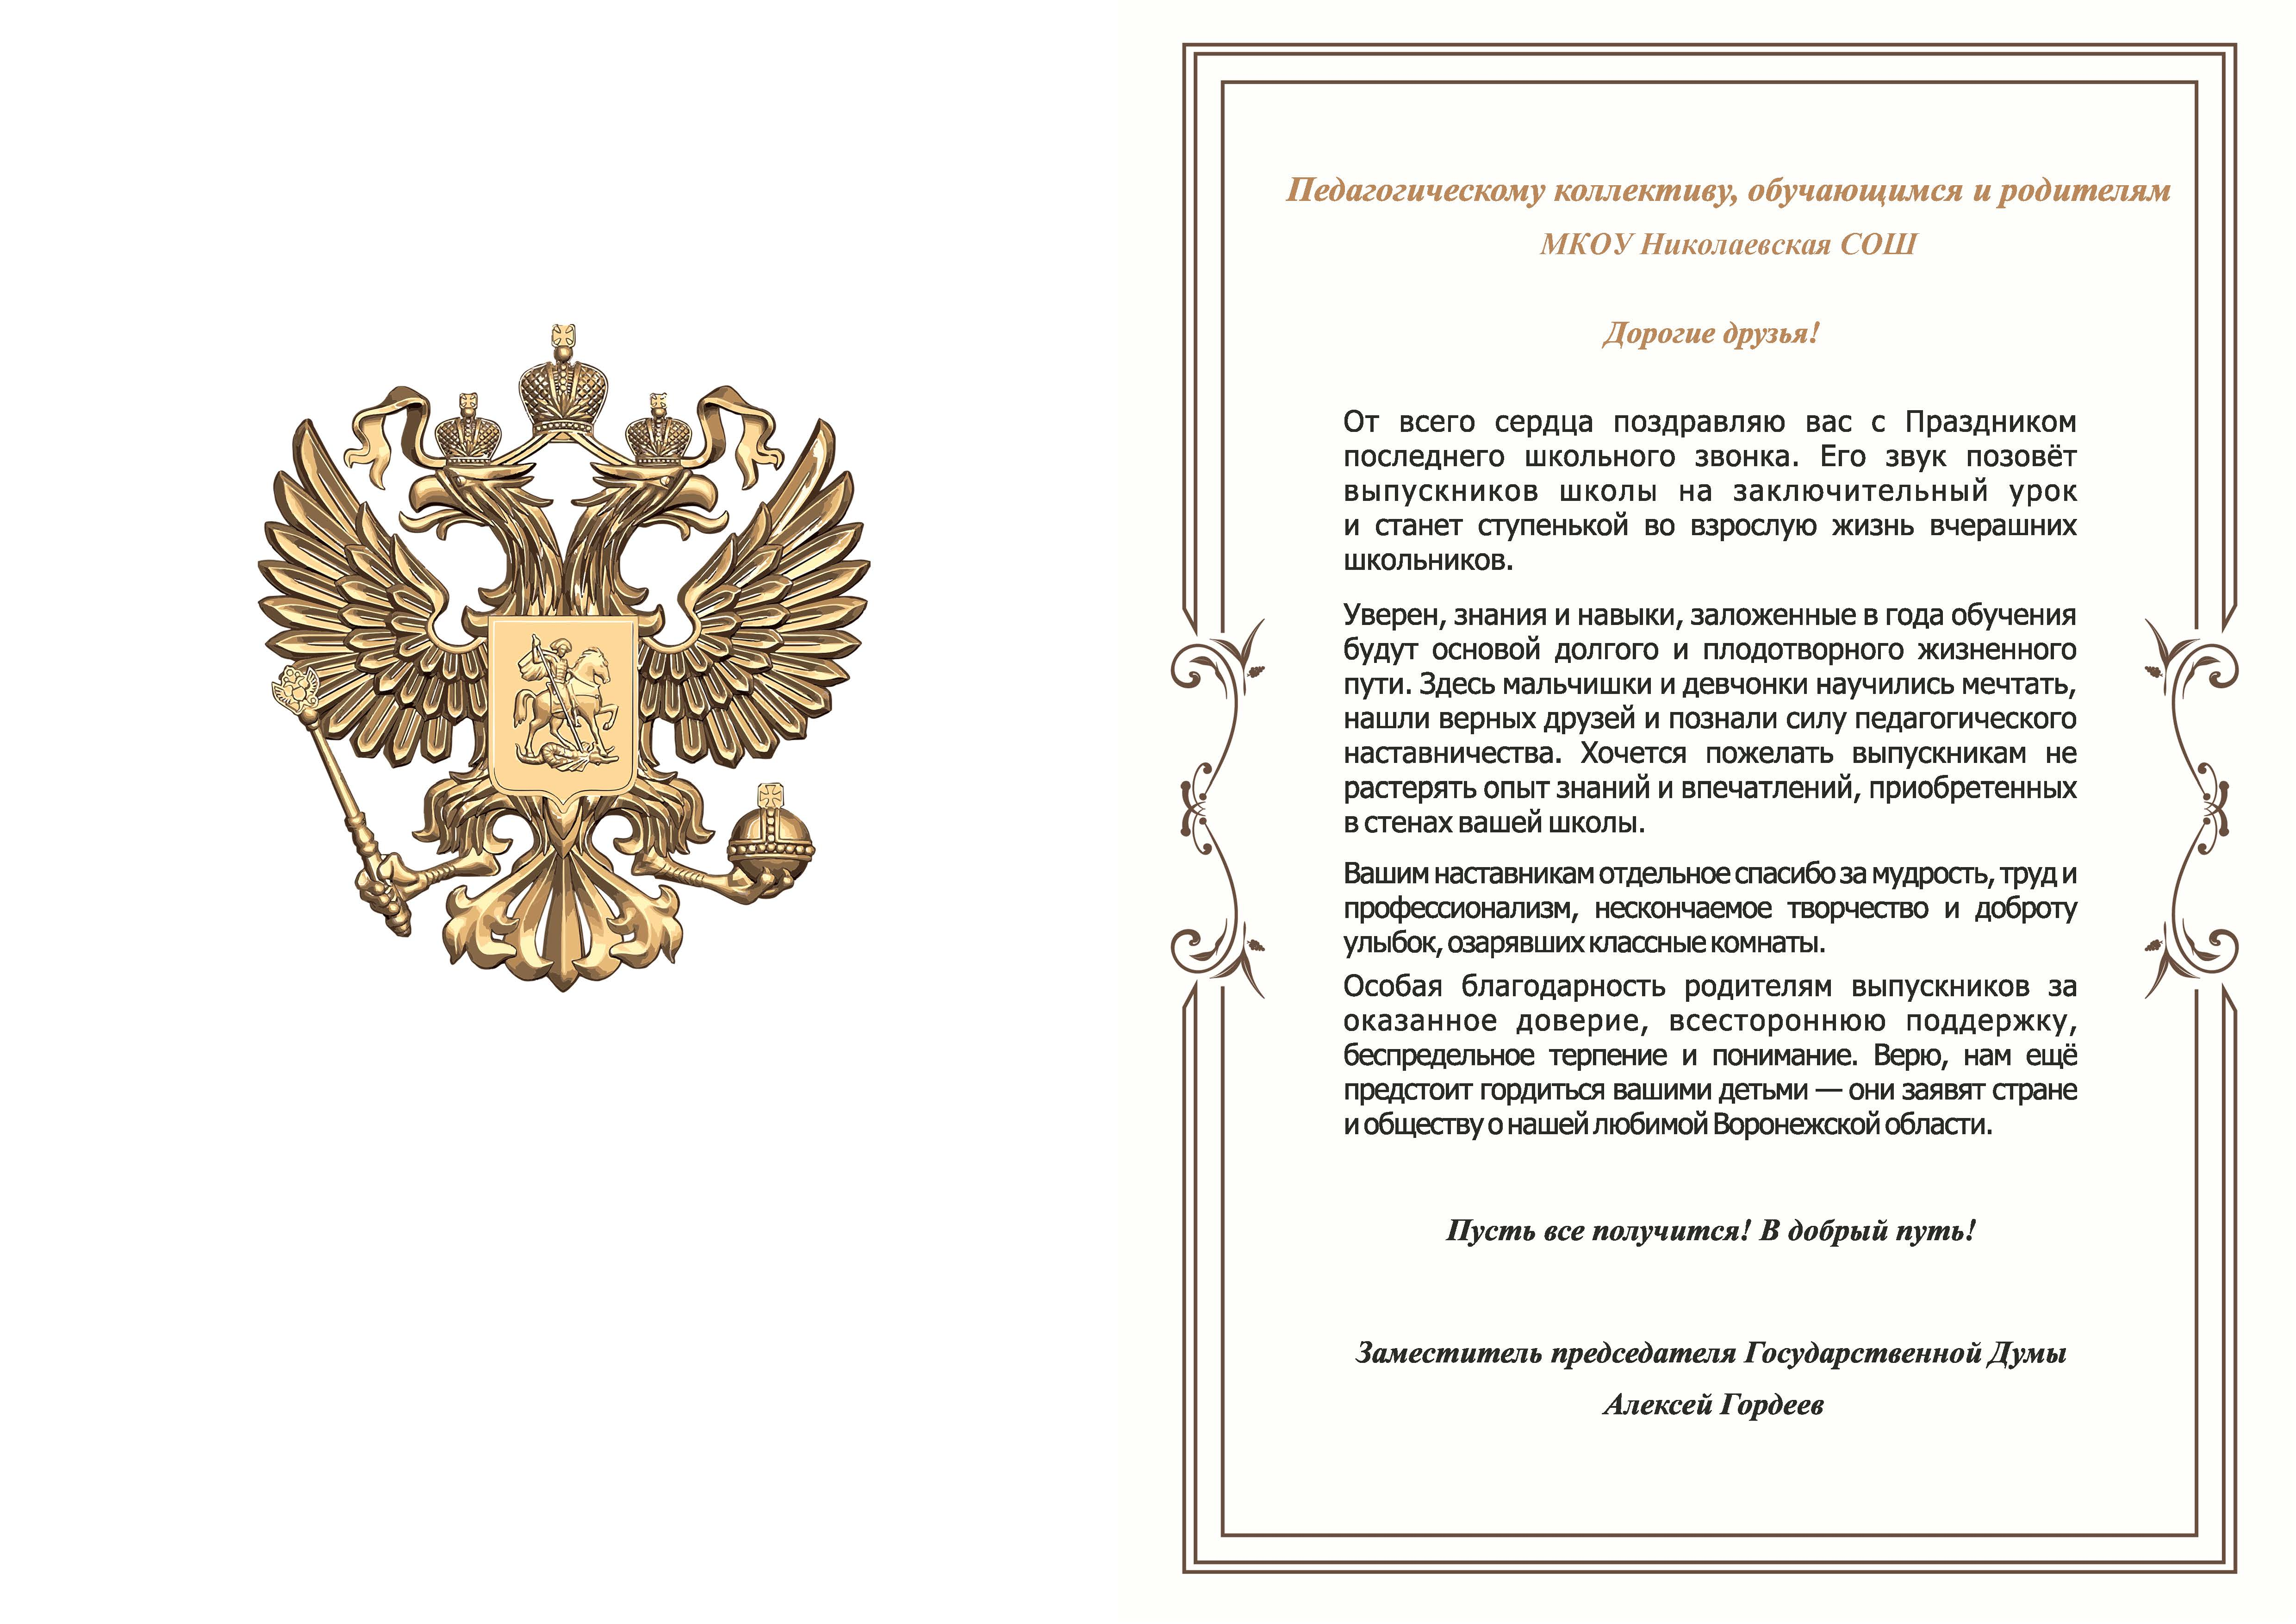 Обращение Заместителя председателя Государственной Думы Федерального собрания Российской Федерации А.В. Гордеева